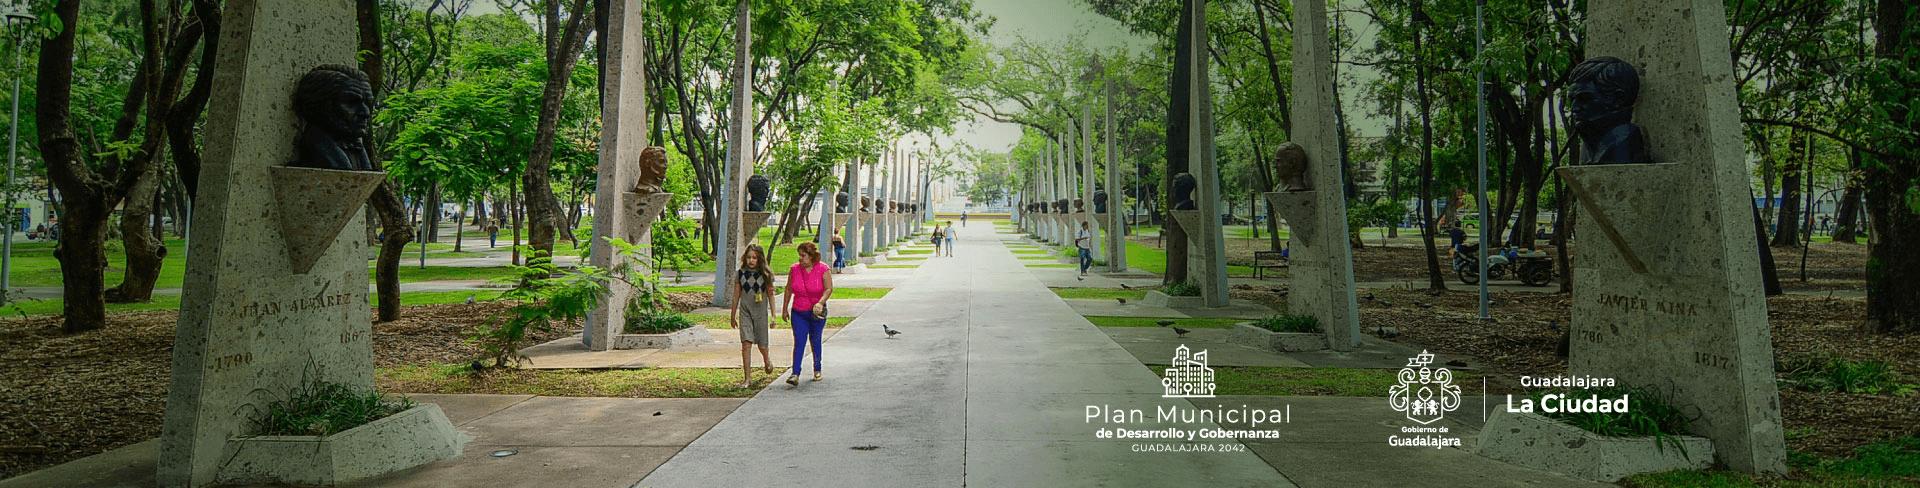 Guadalajara park